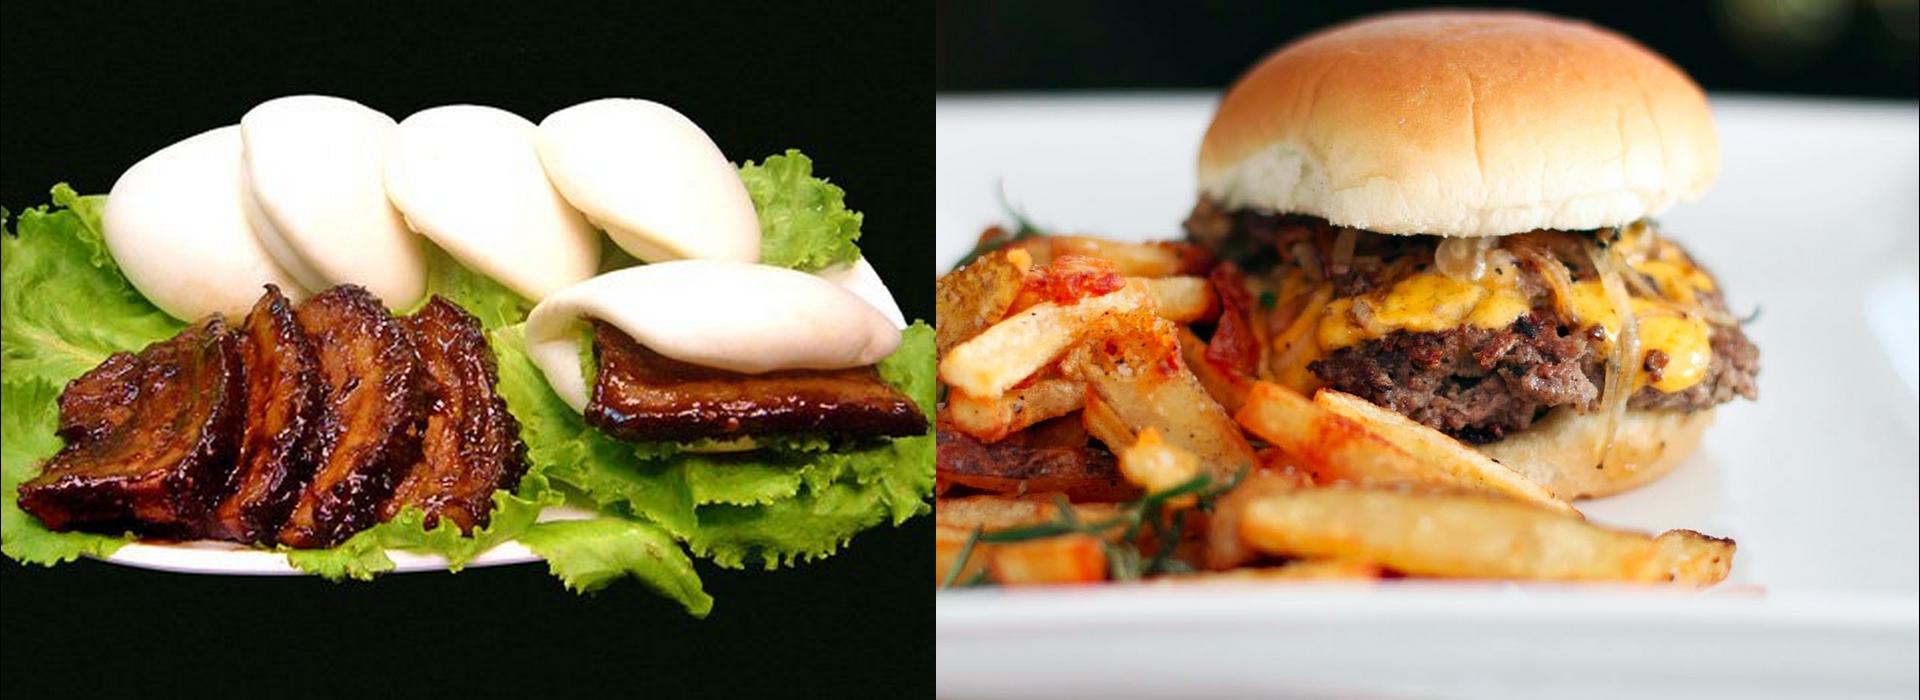 burger vs bao